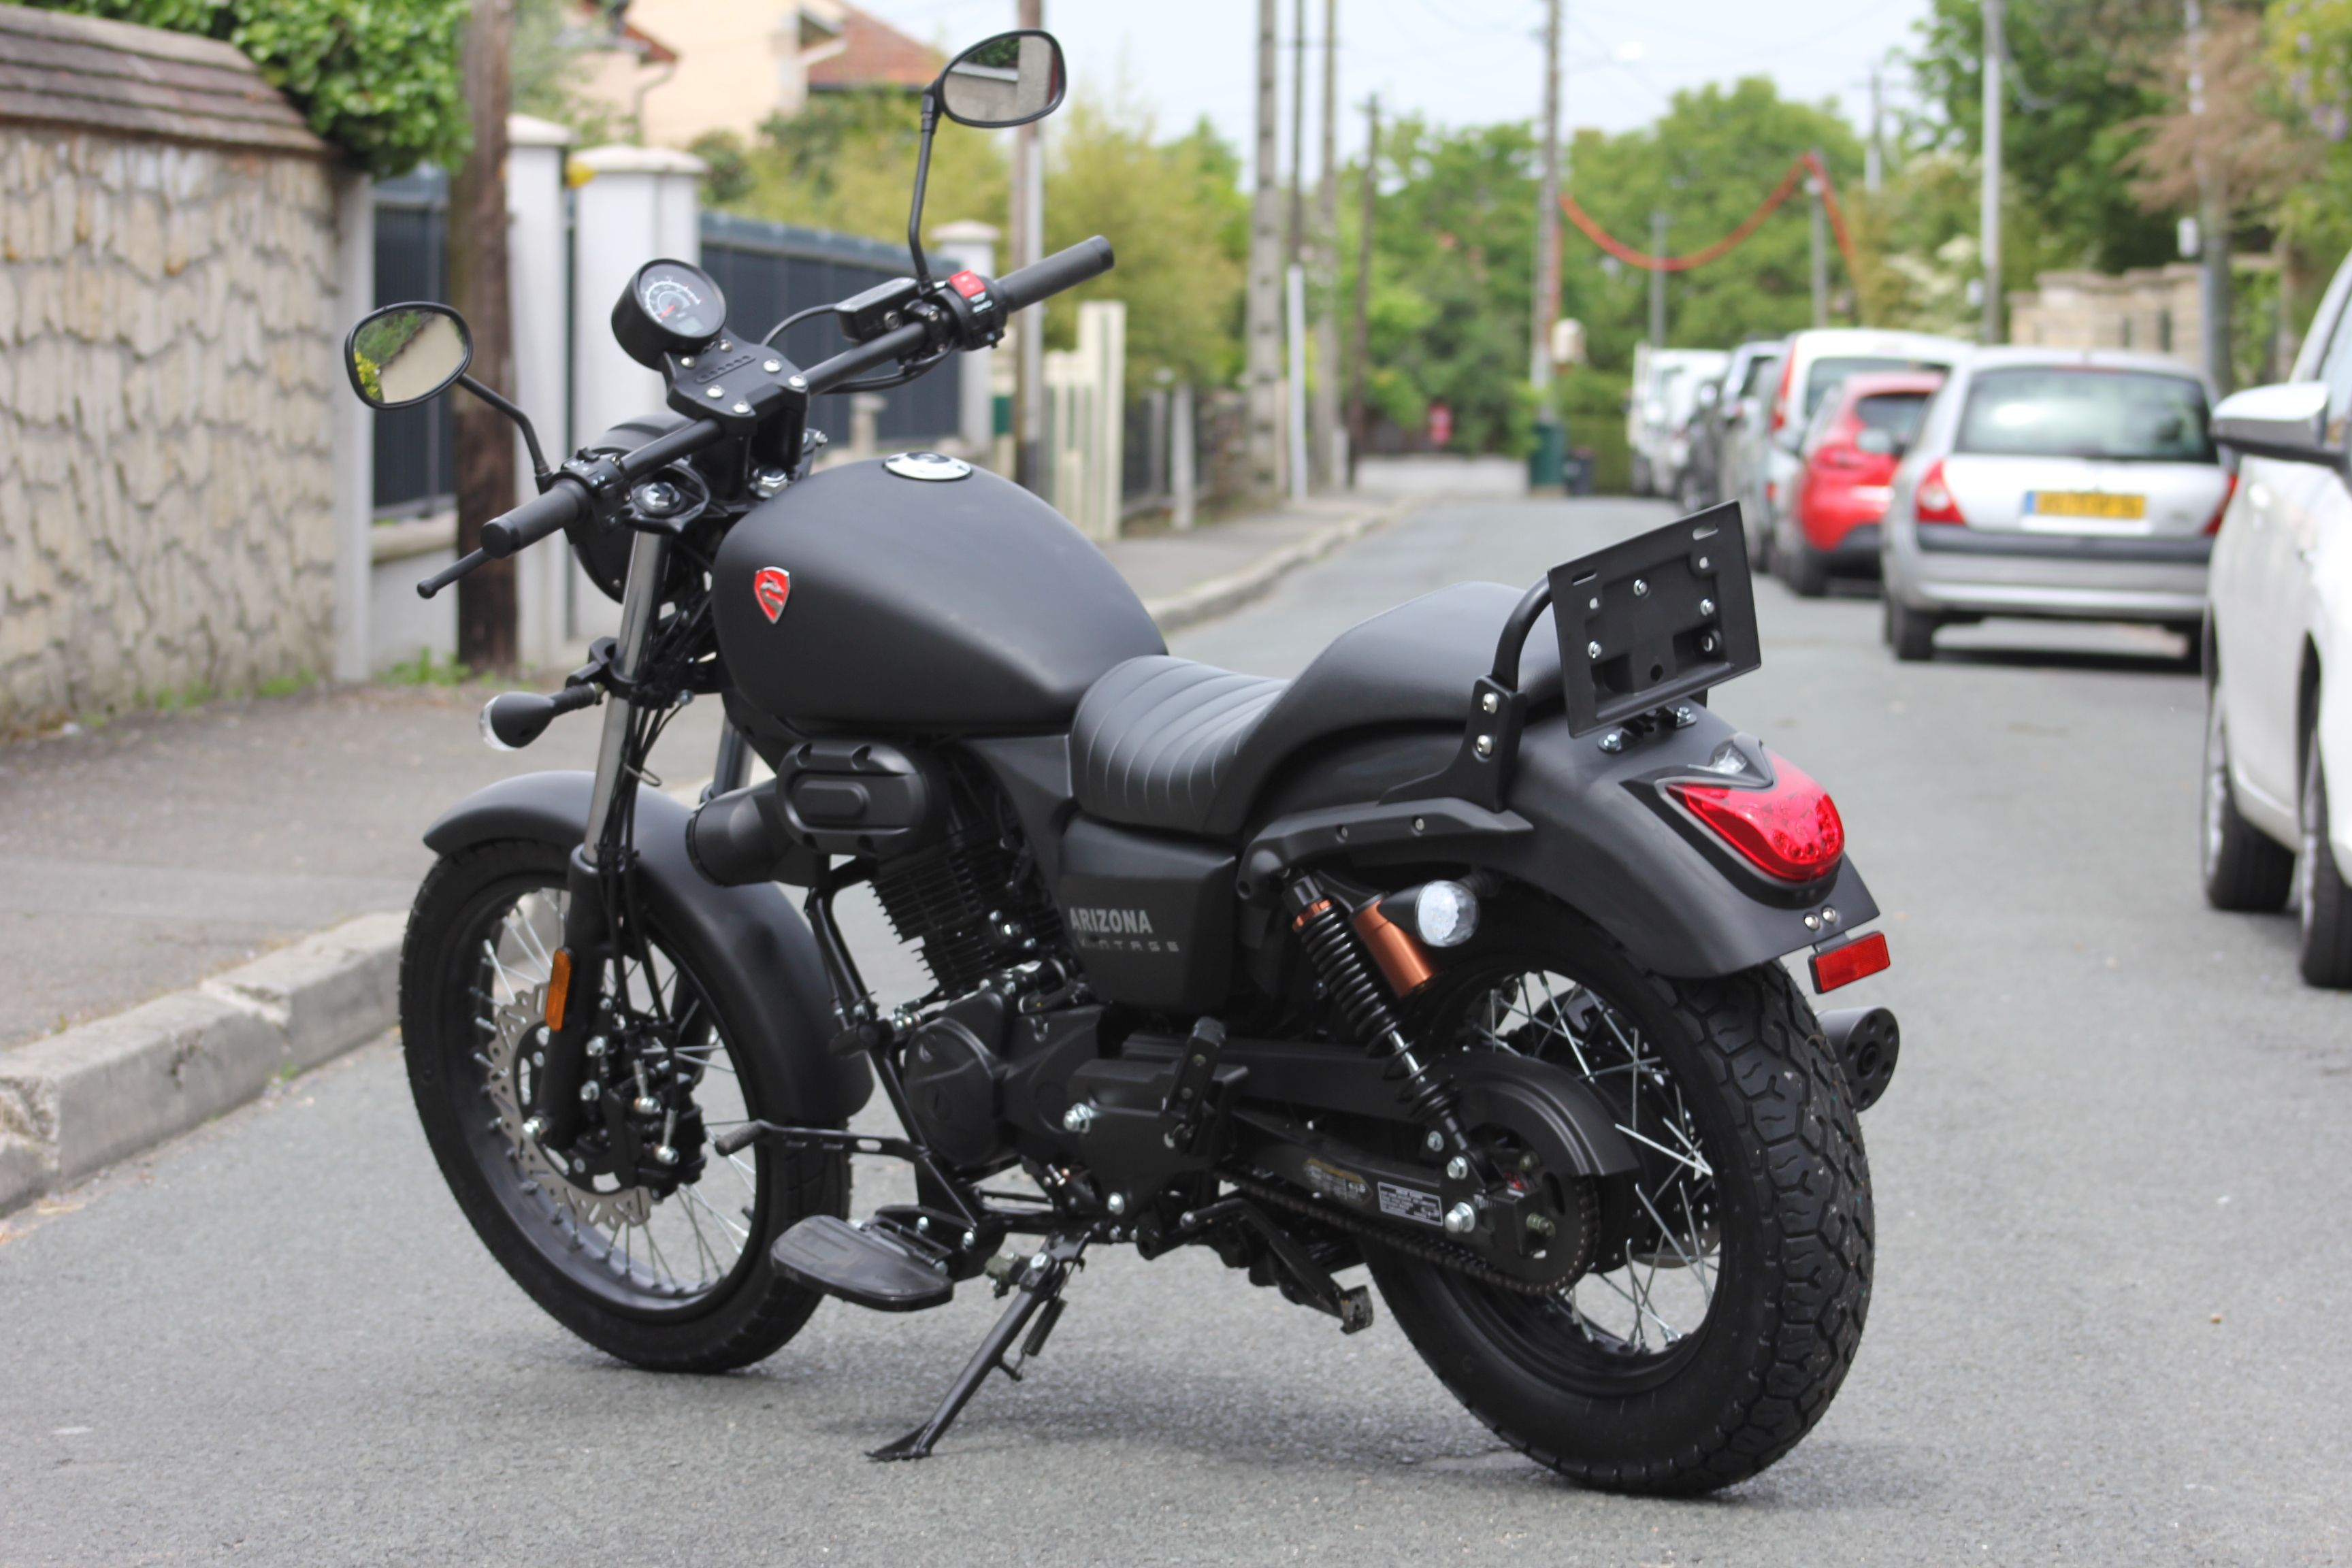 nouvelle moto 125 arizona custom et roadster permis b 2 499 ttc dans toutes les. Black Bedroom Furniture Sets. Home Design Ideas